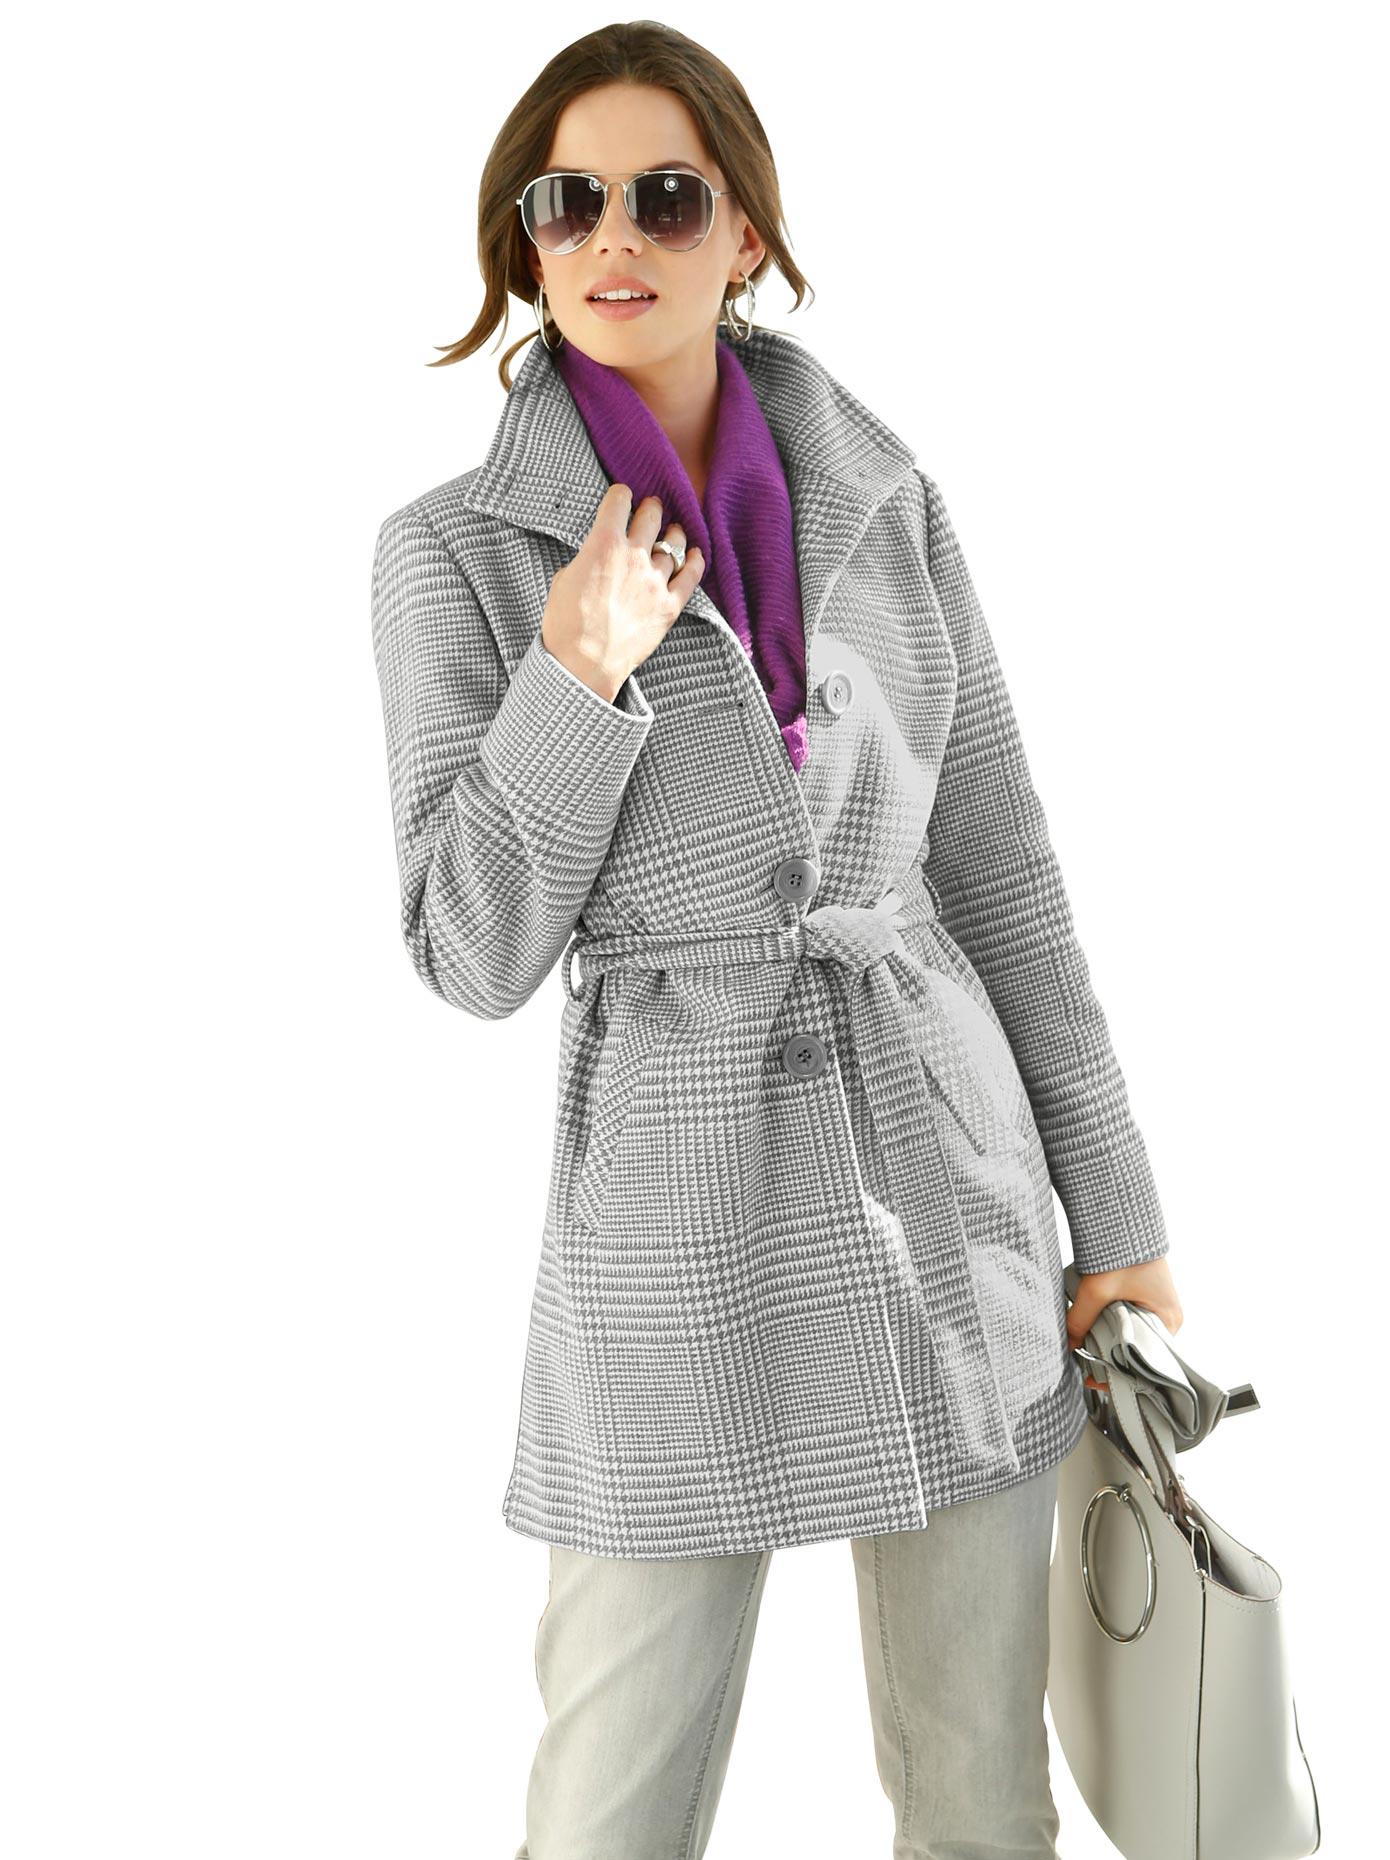 Lady Jacke im klassischen Glencheck-Muster   Bekleidung > Jacken > Sonstige Jacken   Lady